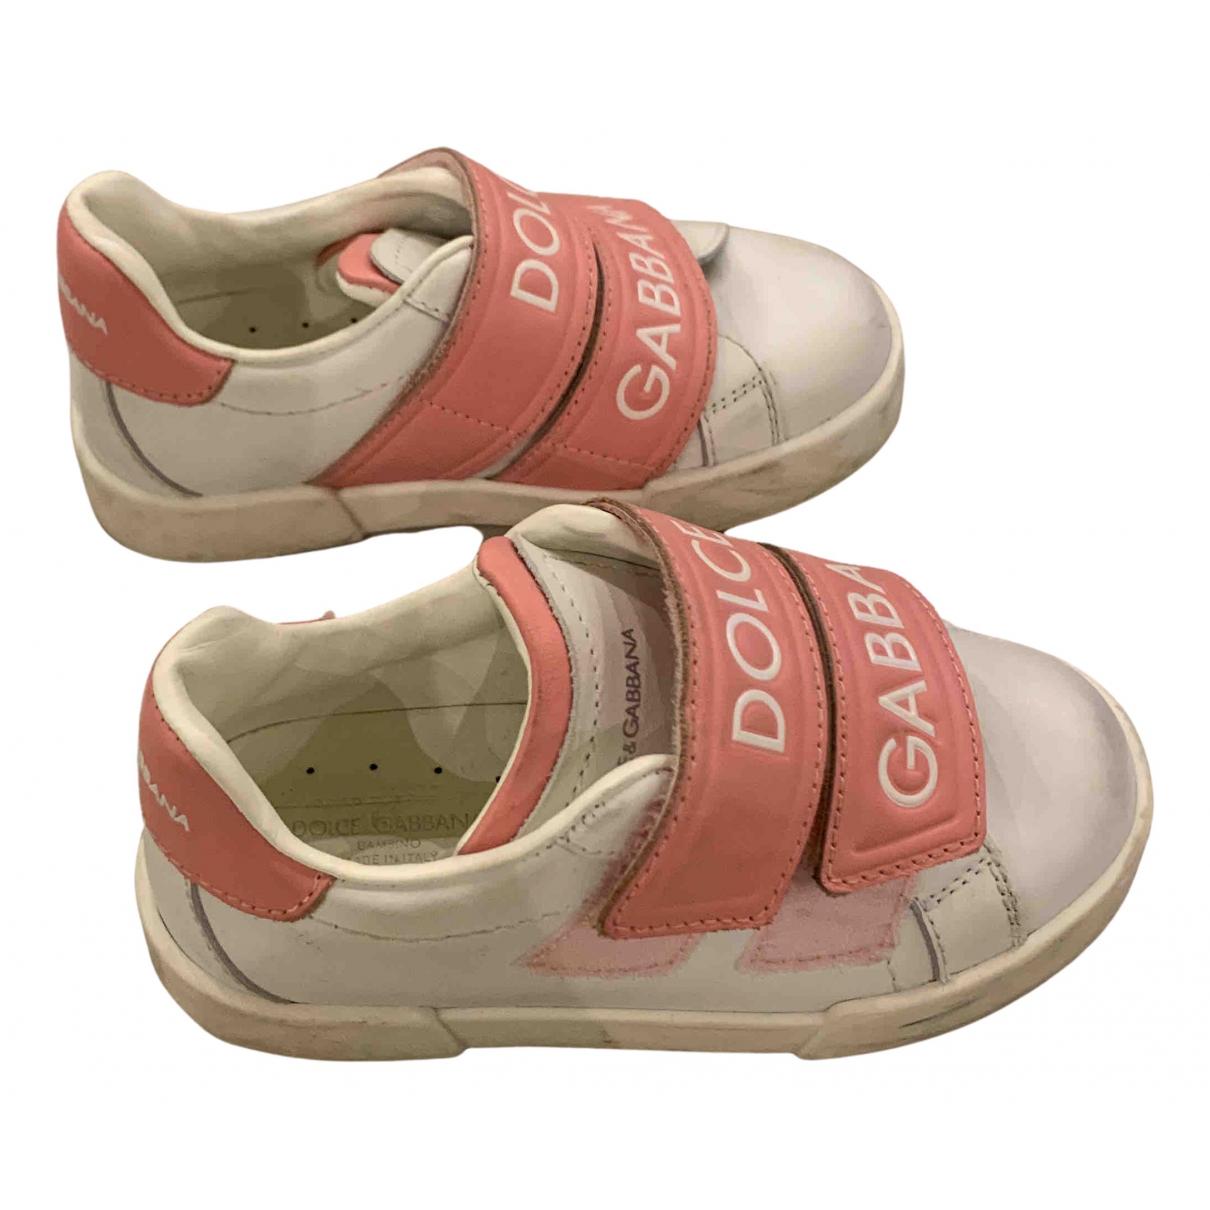 Dolce & Gabbana - Baskets   pour enfant en cuir - rose